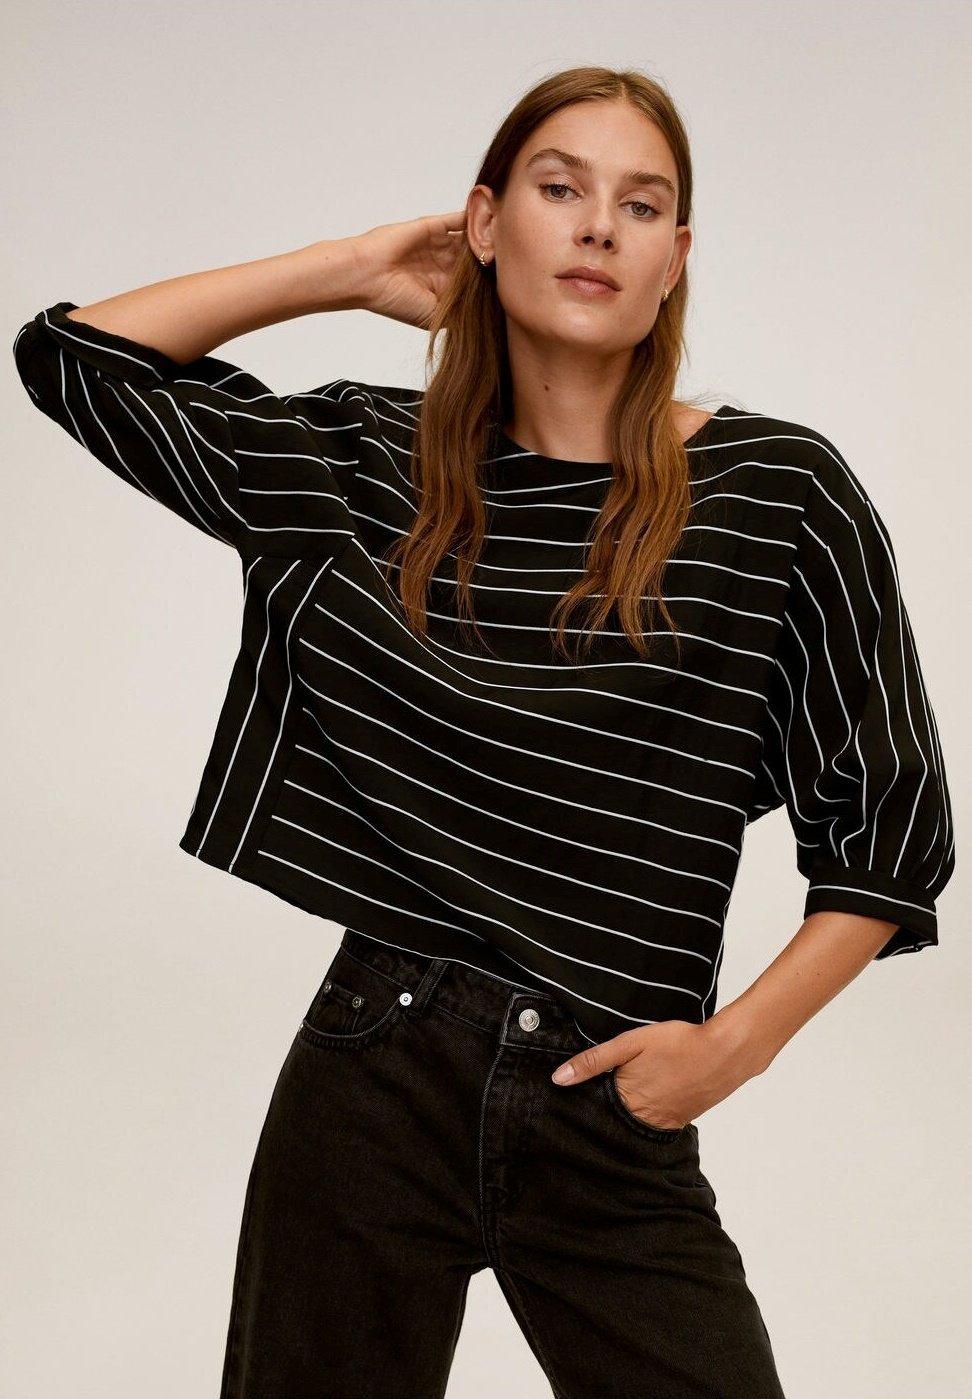 Mango Langærmede T-shirts - noir - Damer T-shirts & toppe V8uwk